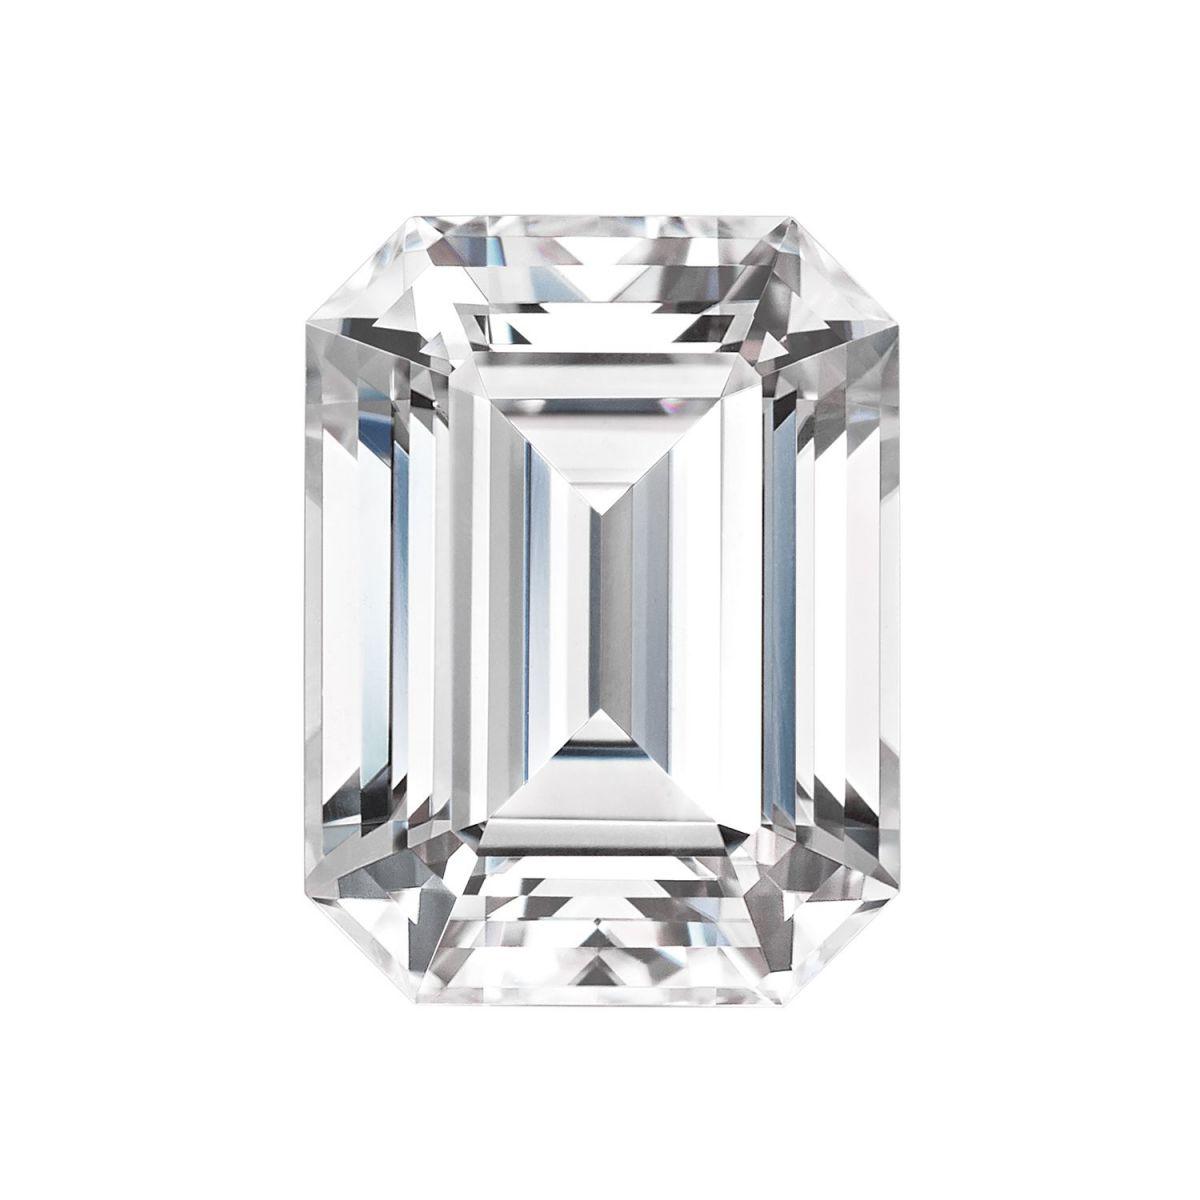 https://www.loveandpromisejewelers.com/media/catalog/product/cache/1b8ff75e92e9e3eb7d814fc024f6d8df/e/m/emerald_moissanite_image_2.jpg